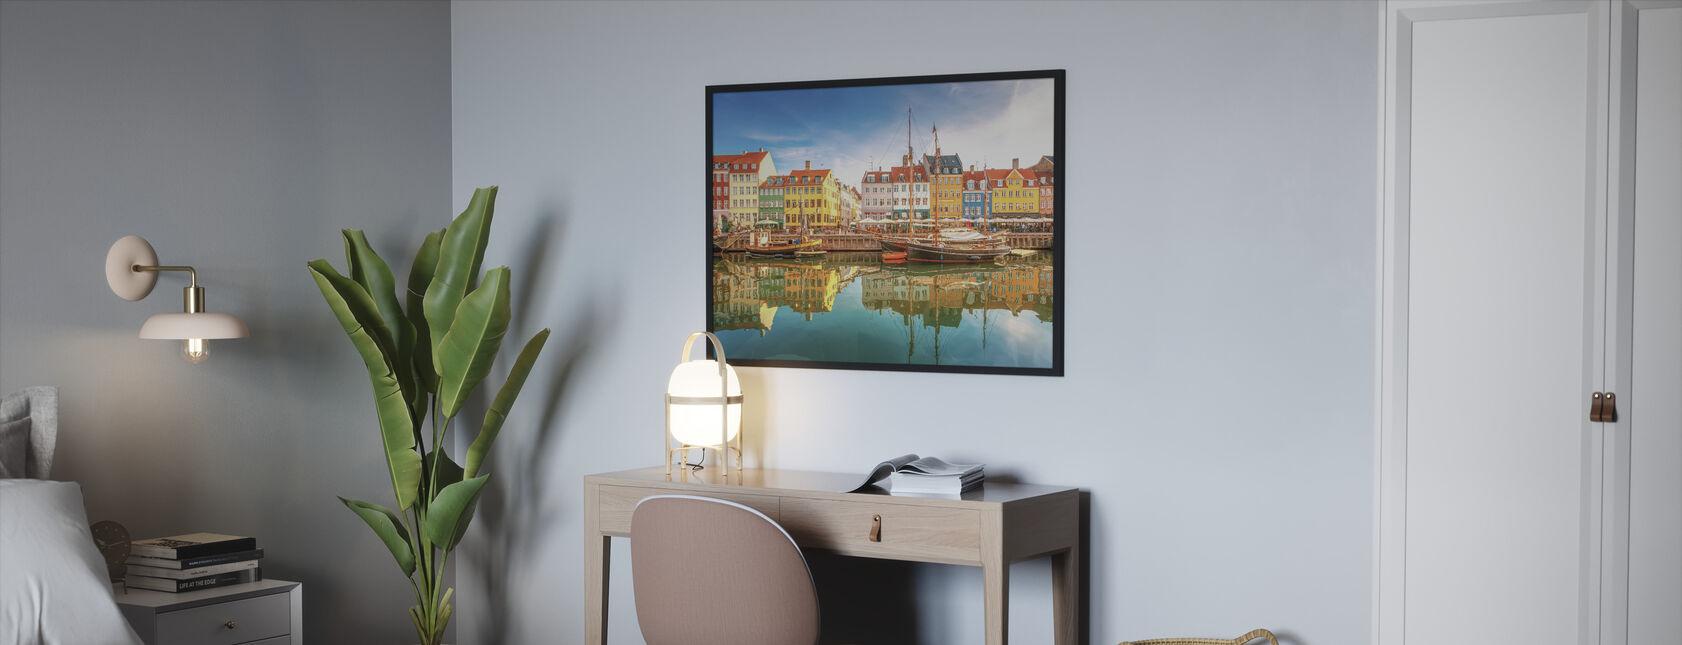 Nyhavn Canal - Indrammet billede - Soveværelse